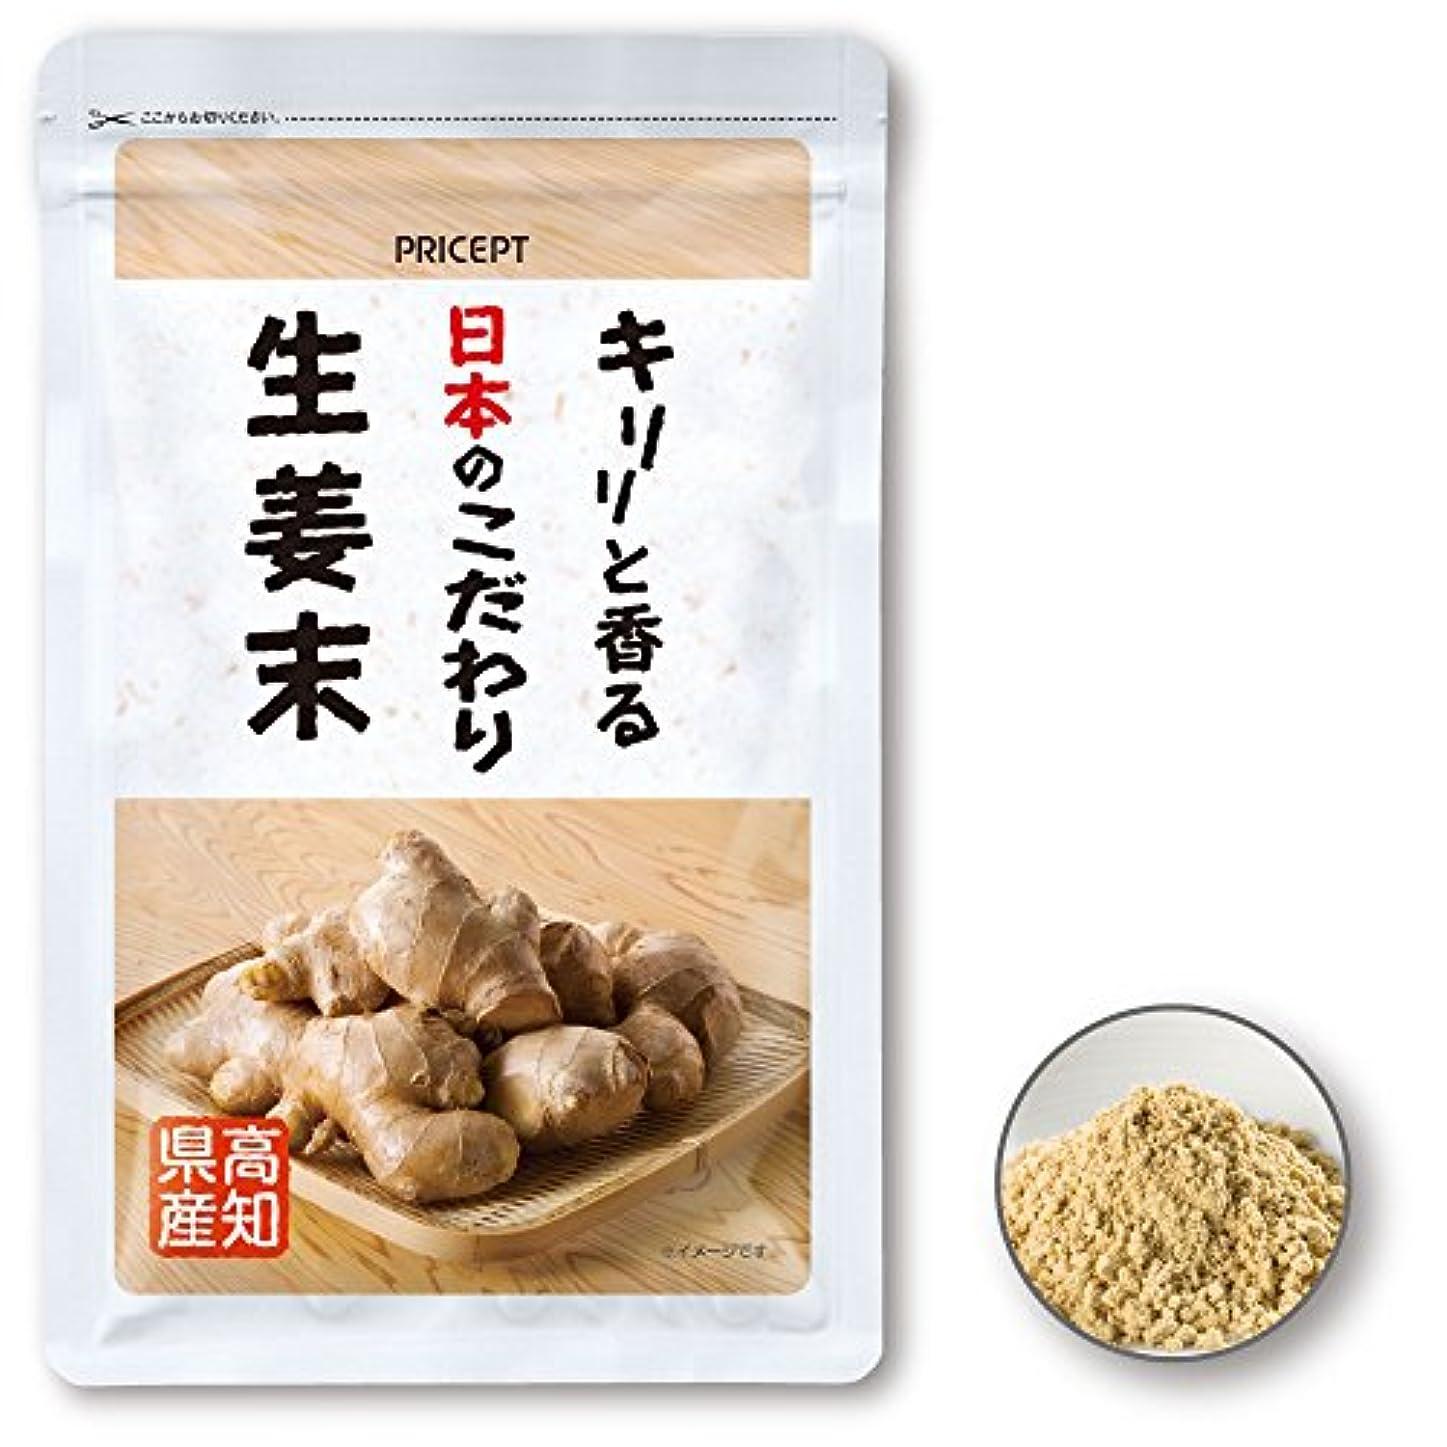 恐ろしい先害プリセプト キリリと香る日本のこだわり生姜末 50g(単品)(高知県産しょうが粉末)